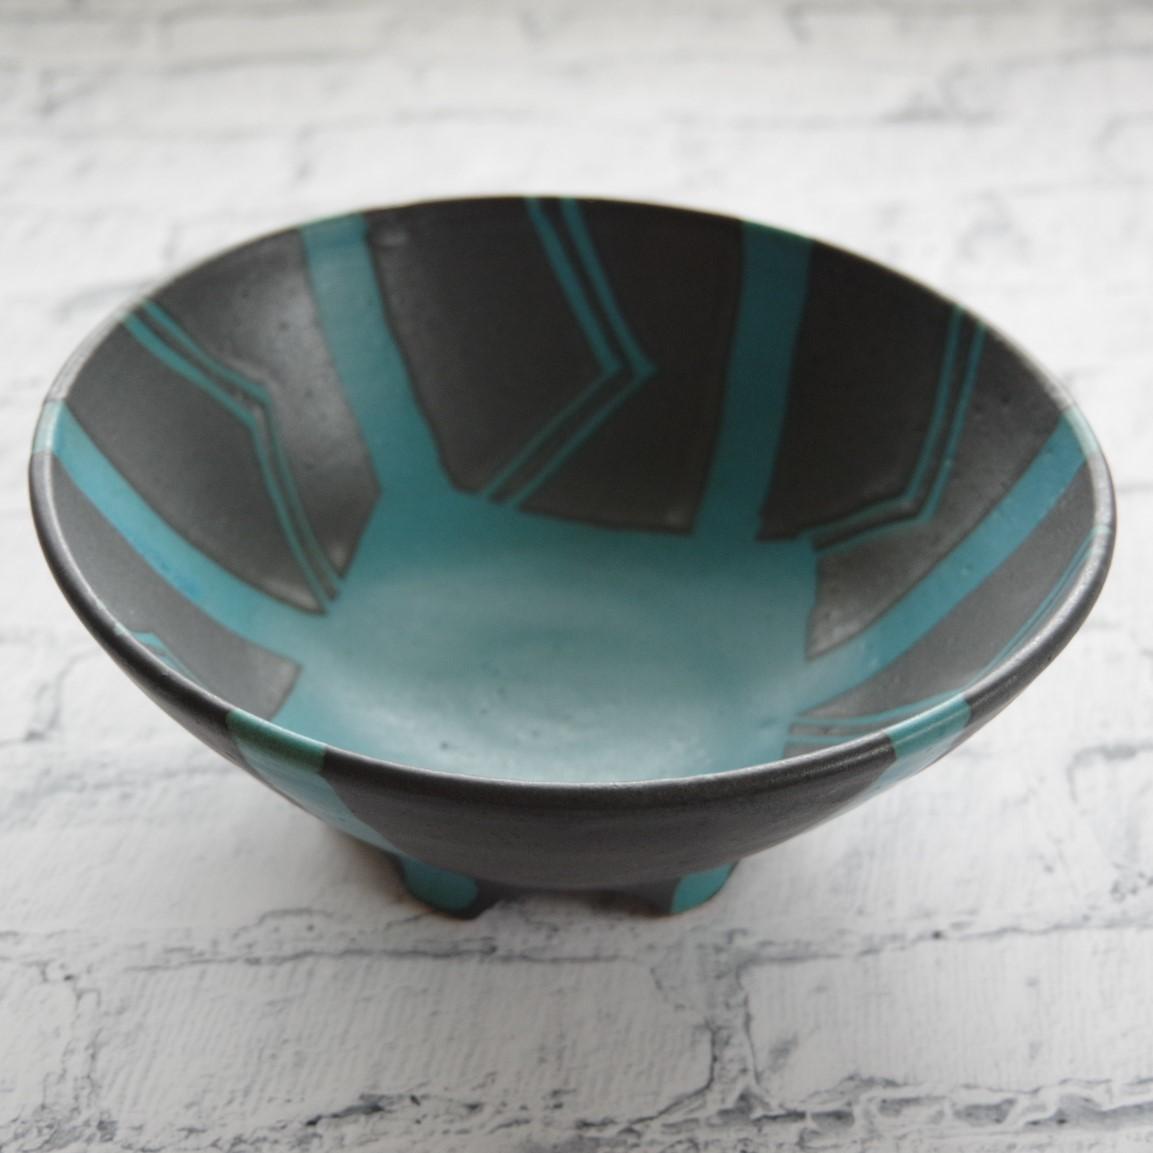 やちむん【南陶窯】6寸鉢